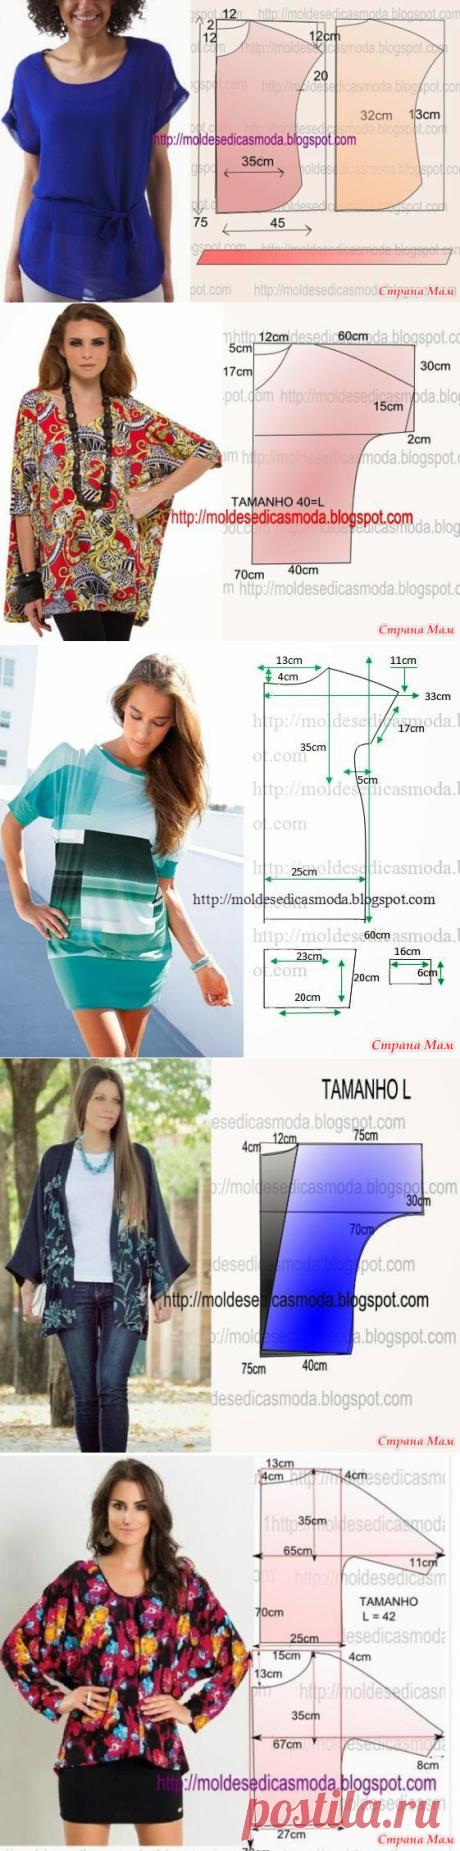 Интересные модели и простые выкройки - 3 - Из ученицы - в профессионалы шитья. - Страна Мам